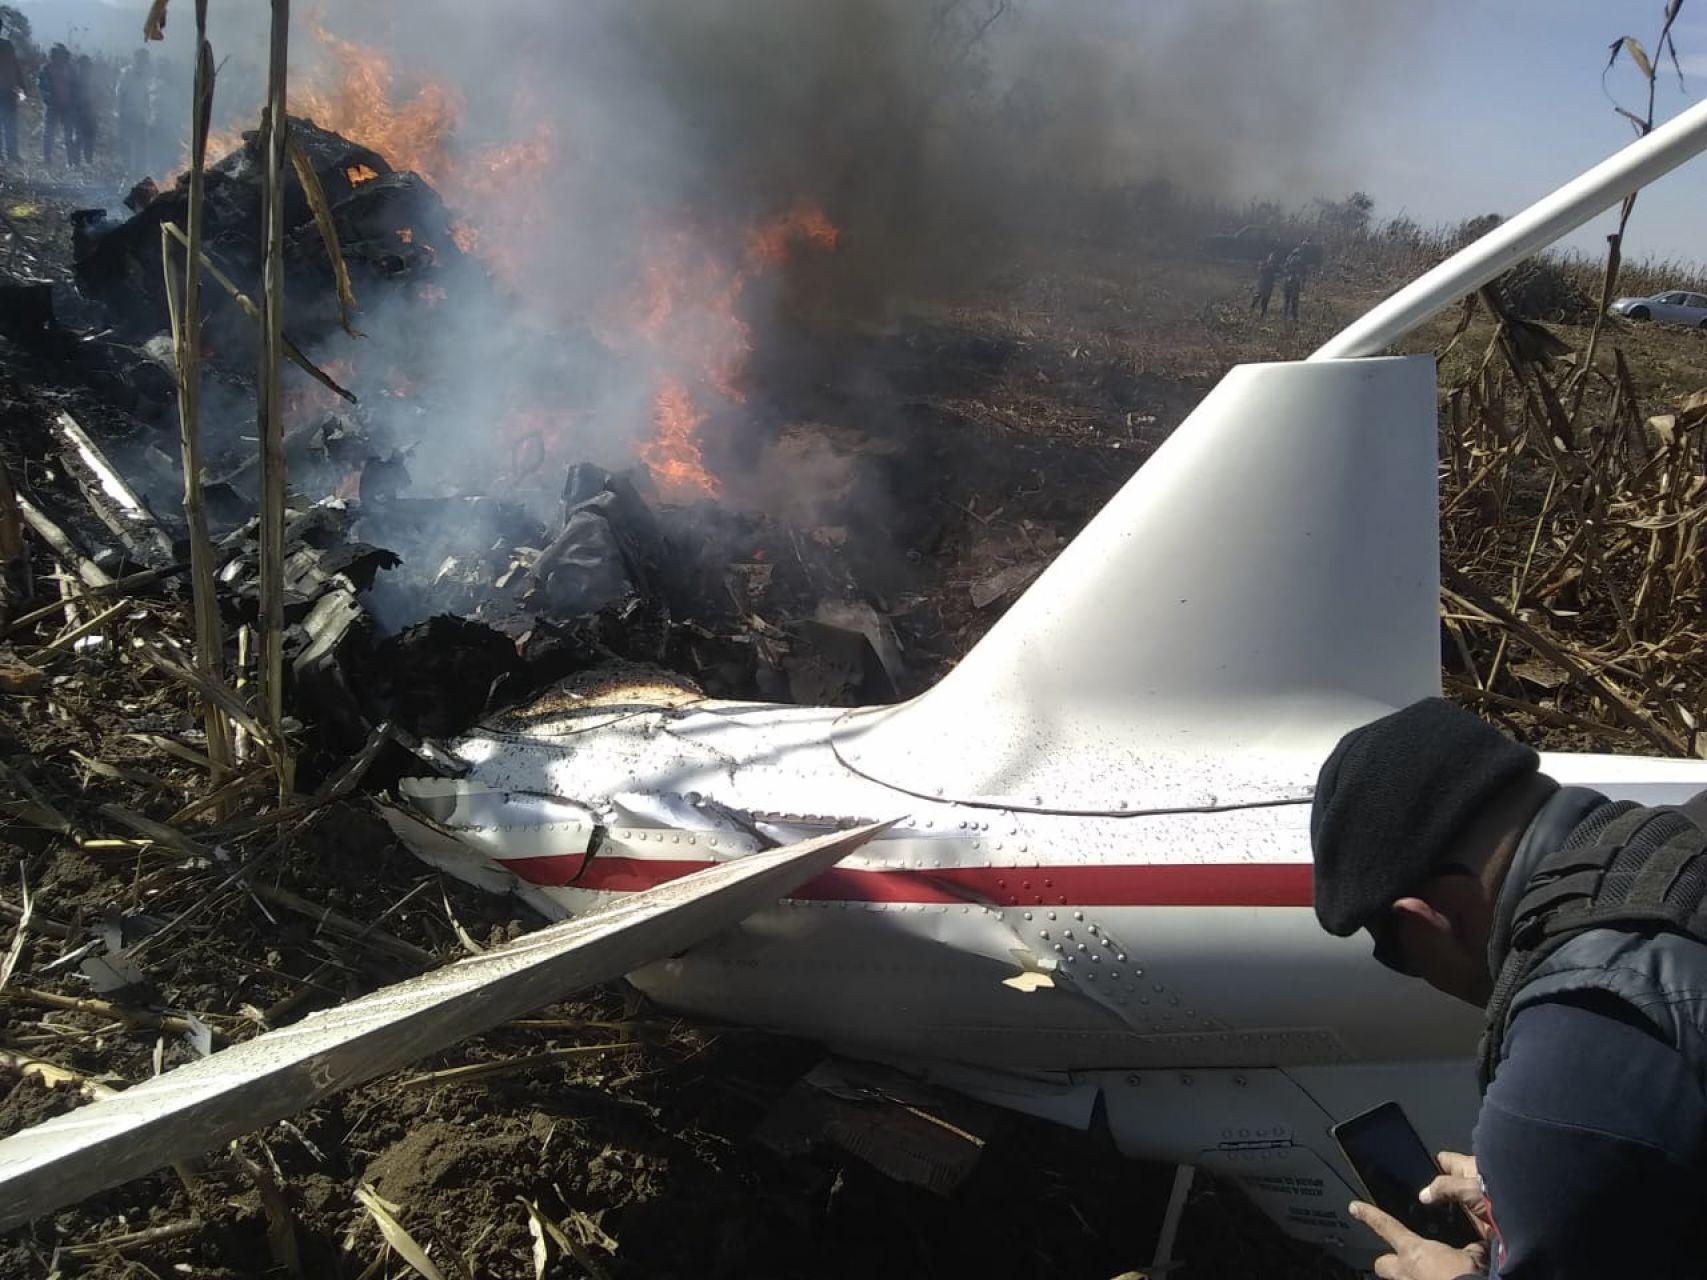 Al momento del accidente, estaba intoxicado con monóxido de carbono el piloto del helicóptero en el que fallecieron Rafael Moreno Valle y Martha Érika Alonso